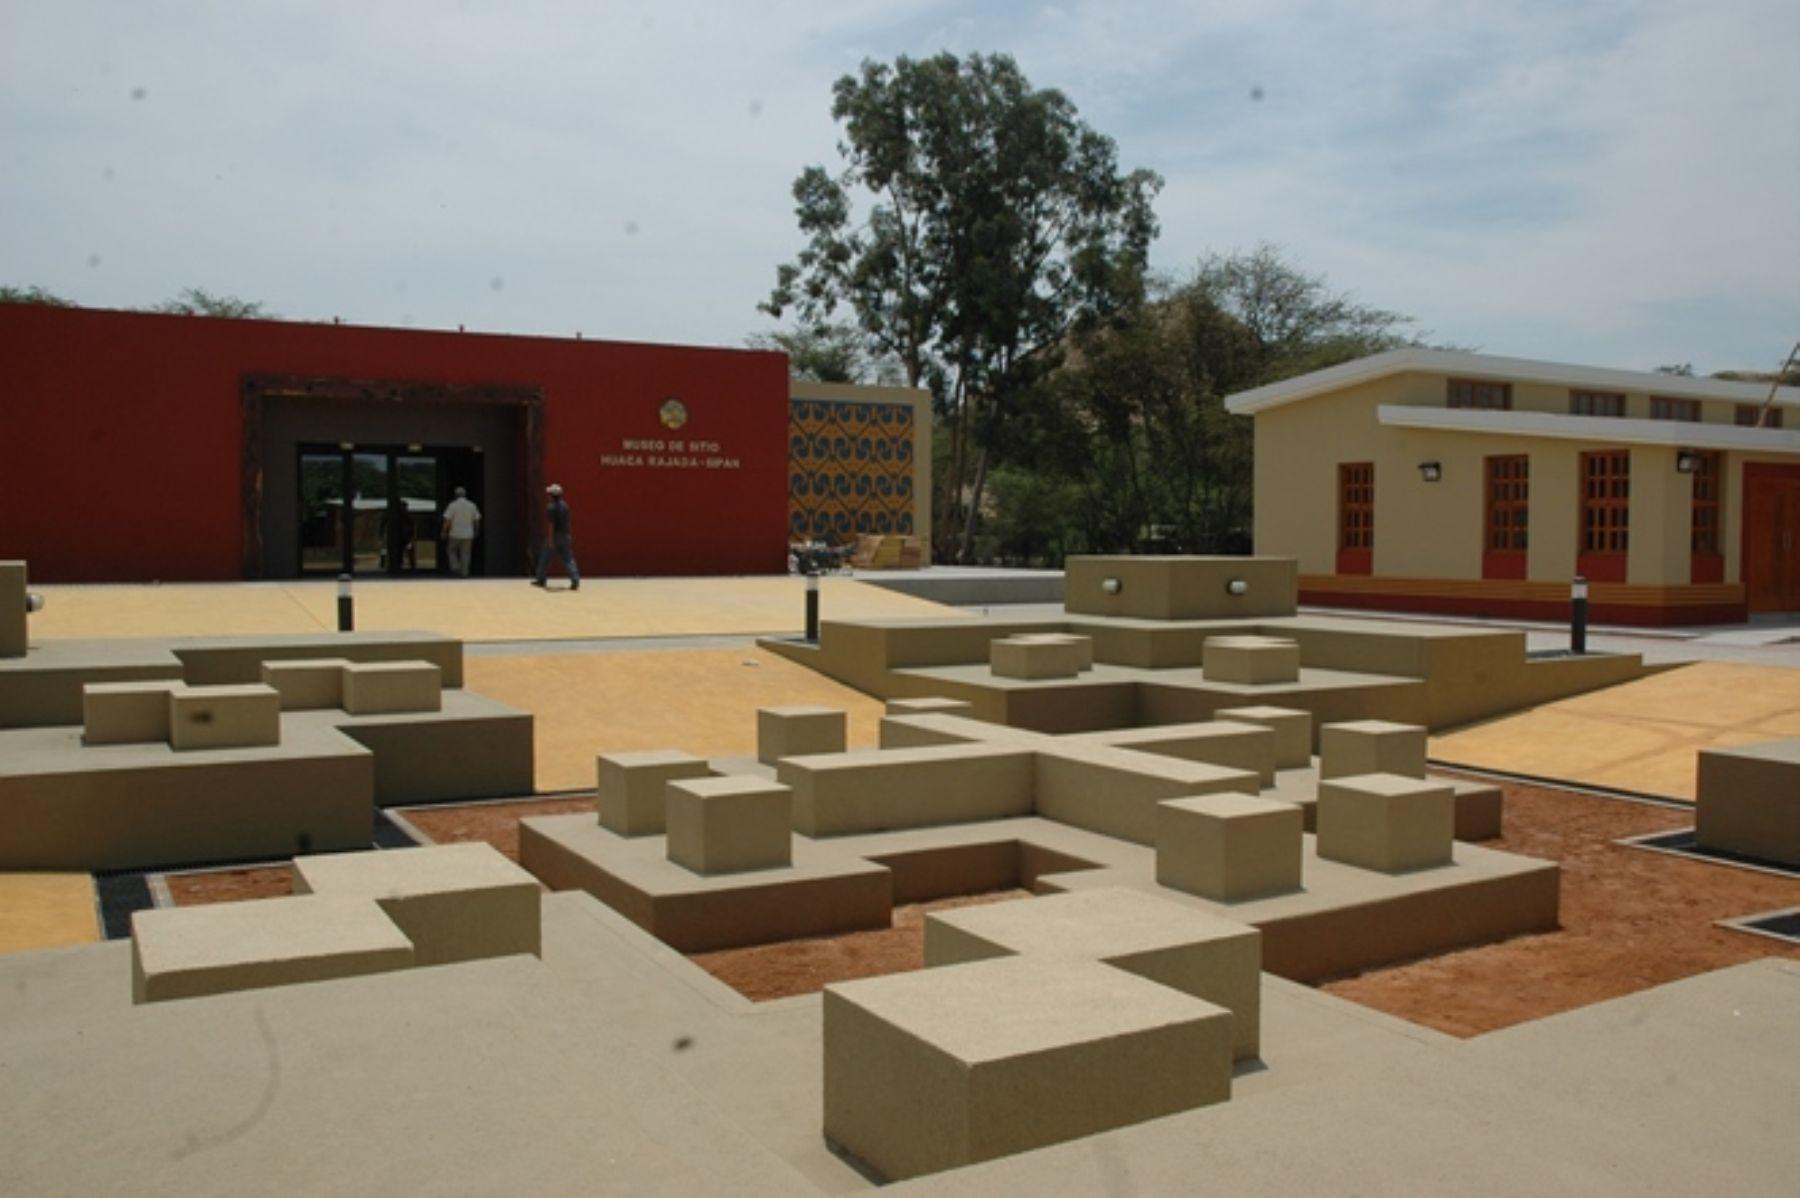 Complejo arqueológico Huaca Rajada-Sipán, en la región Lambayeque. ANDINA/archivo